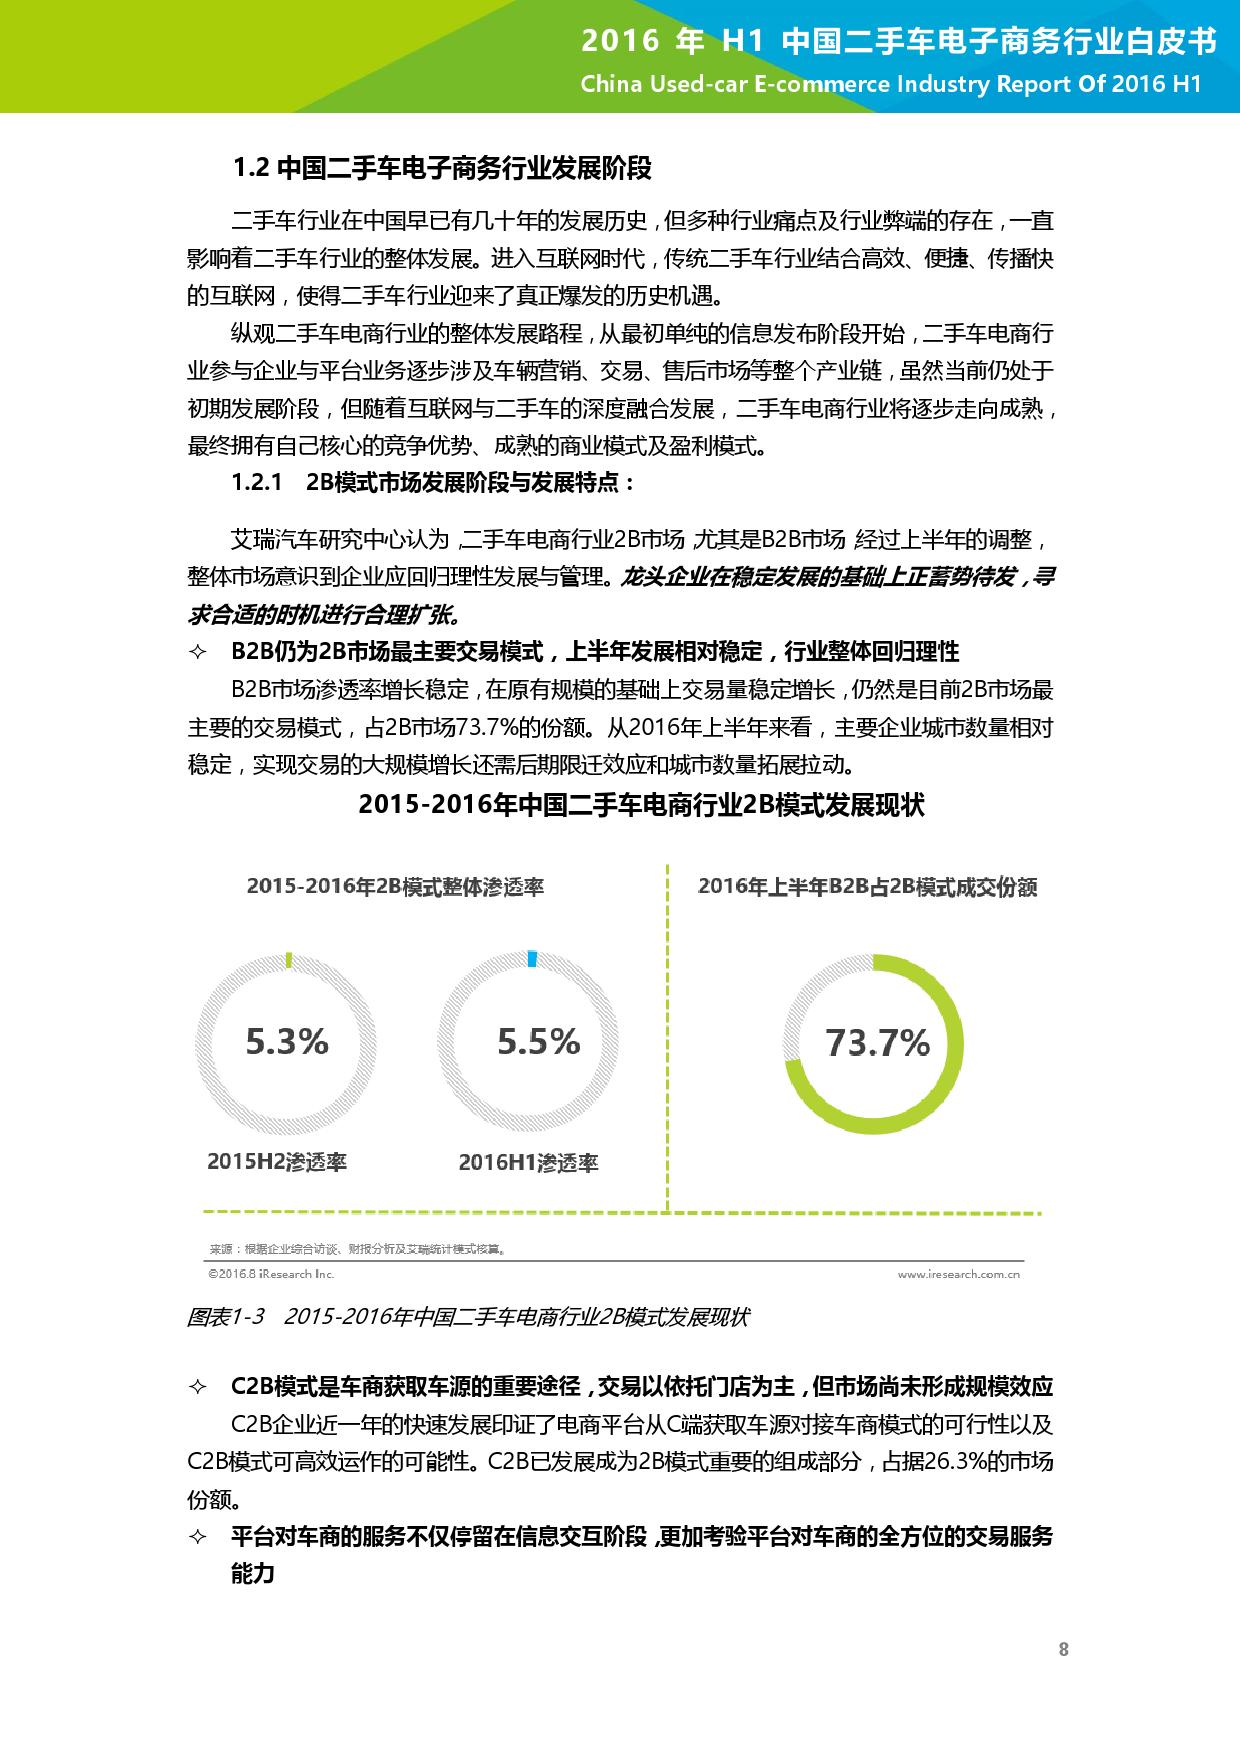 2016年H1中国二手车电子商务行业白皮书_000009